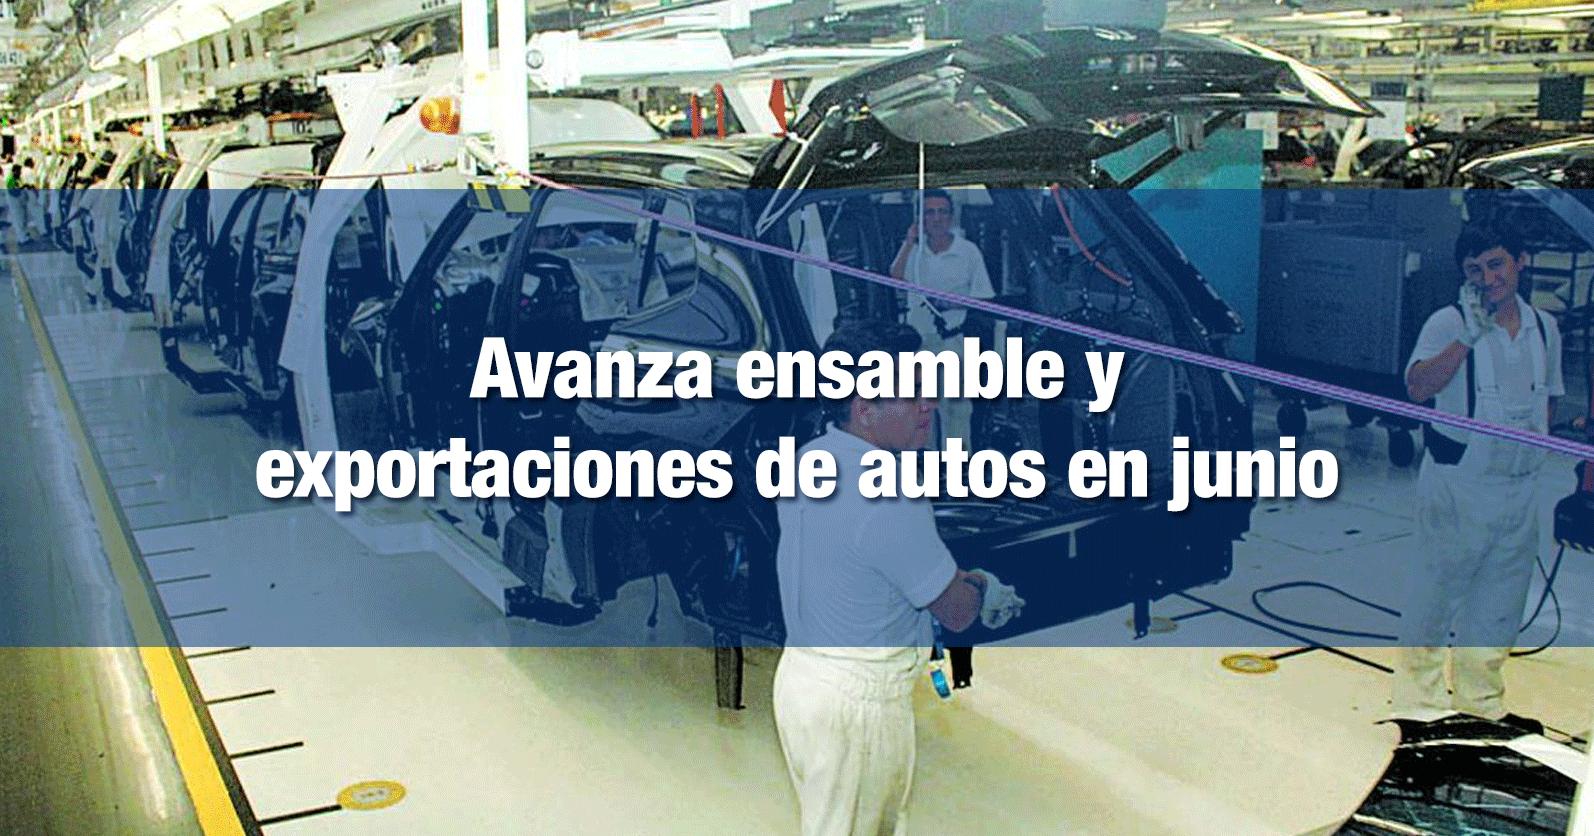 Avanza ensamble y exportaciones de autos en junio